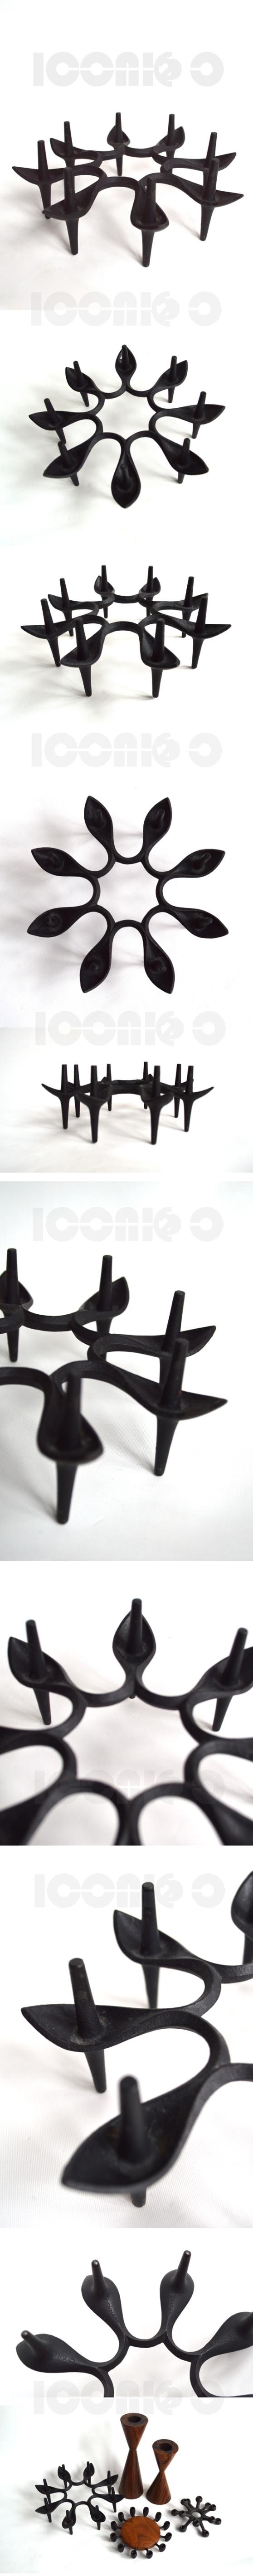 dansk-STARBURST-SPIKE-candle-holder-rare-design